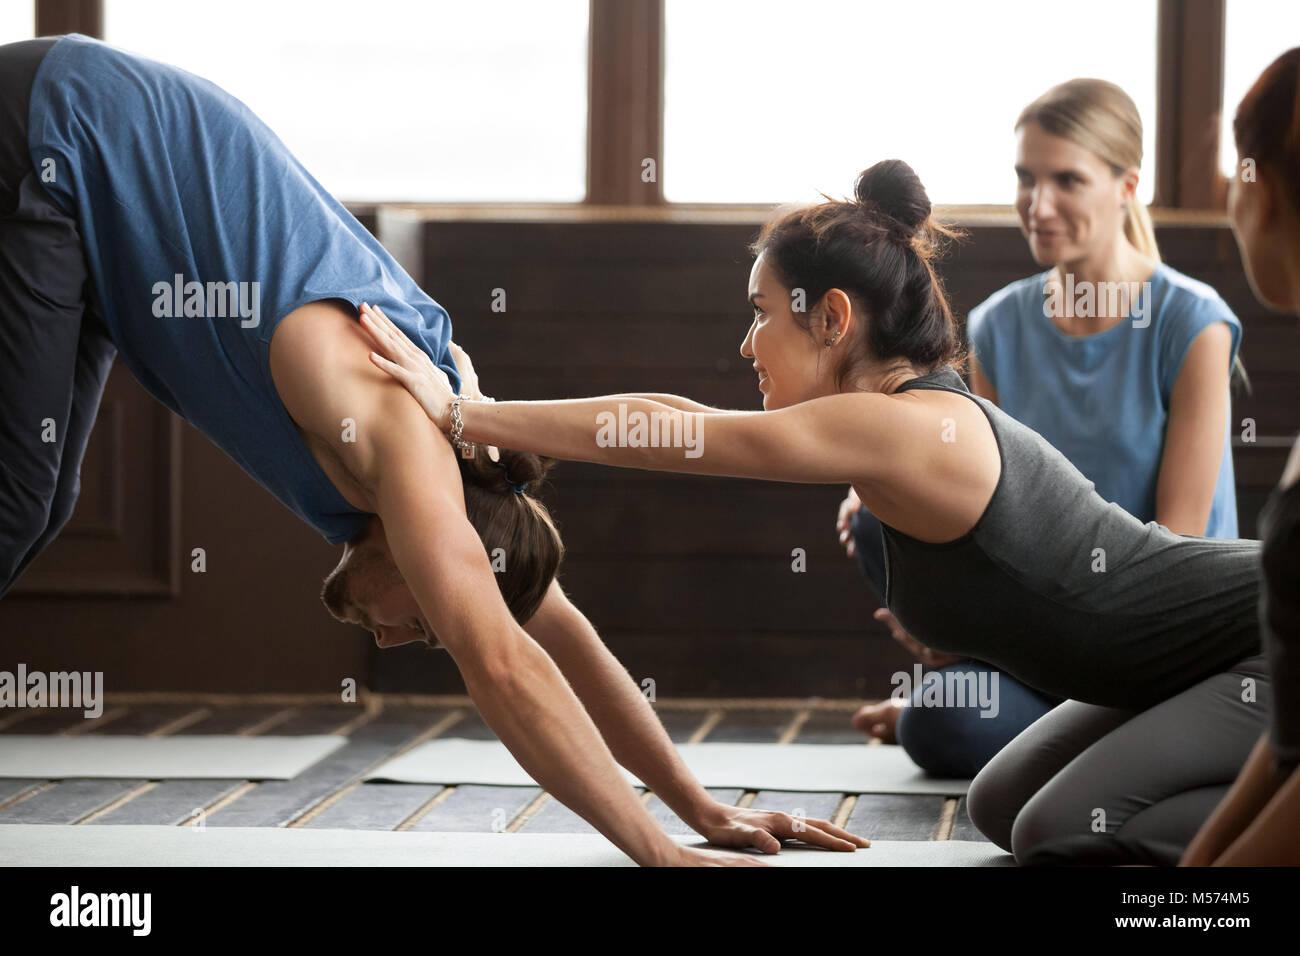 Profesor de Yoga de ayudar al hombre a estirar las manos sobre los hombros Imagen De Stock